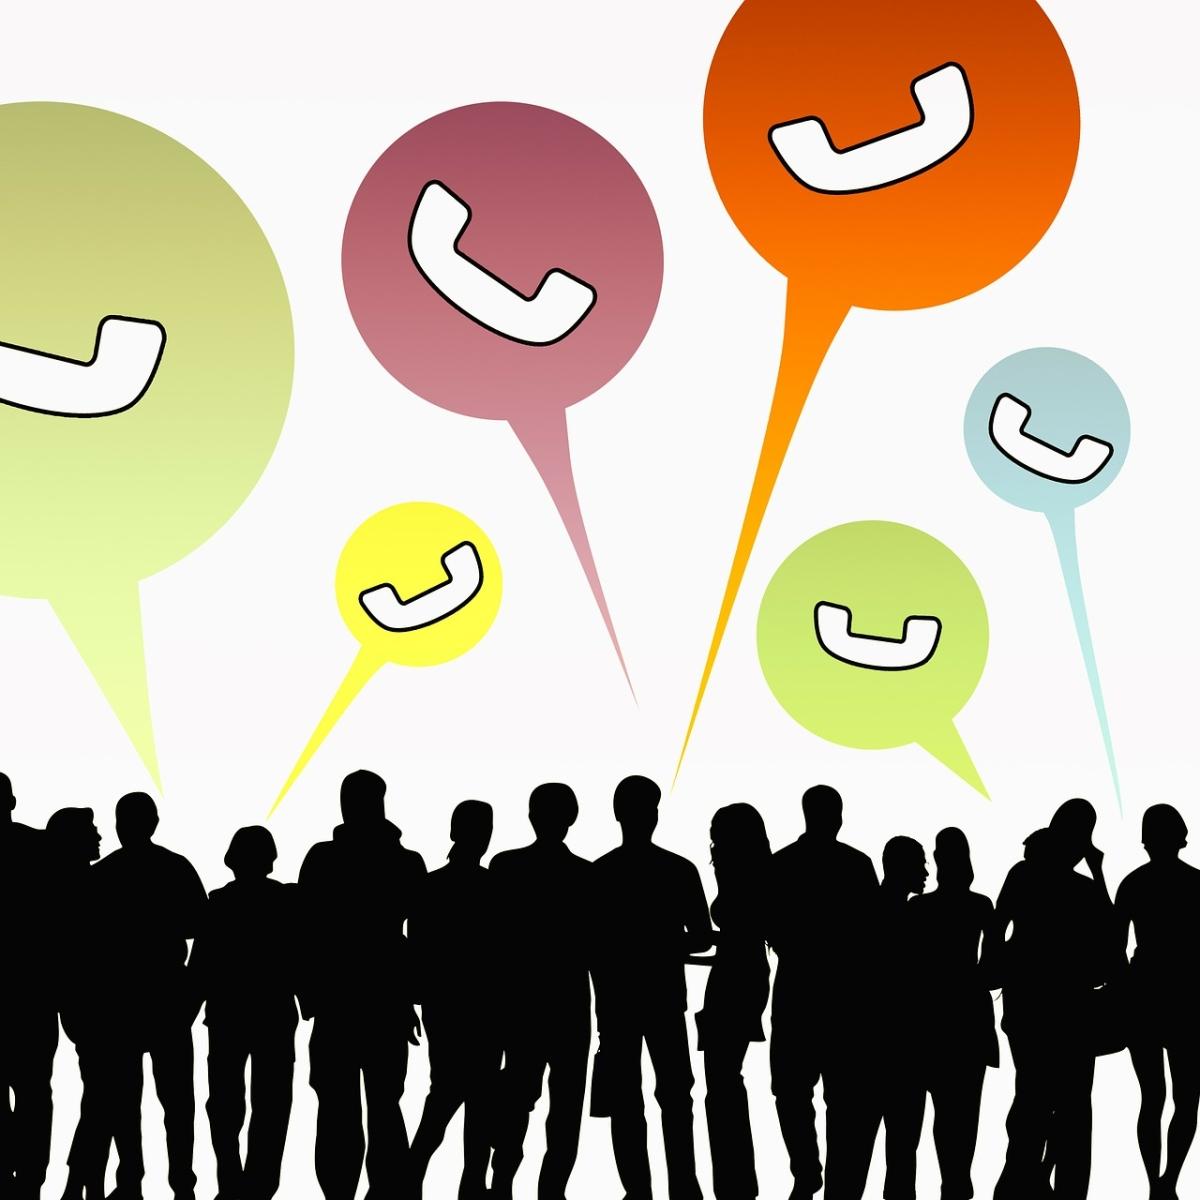 Building Community in Social media